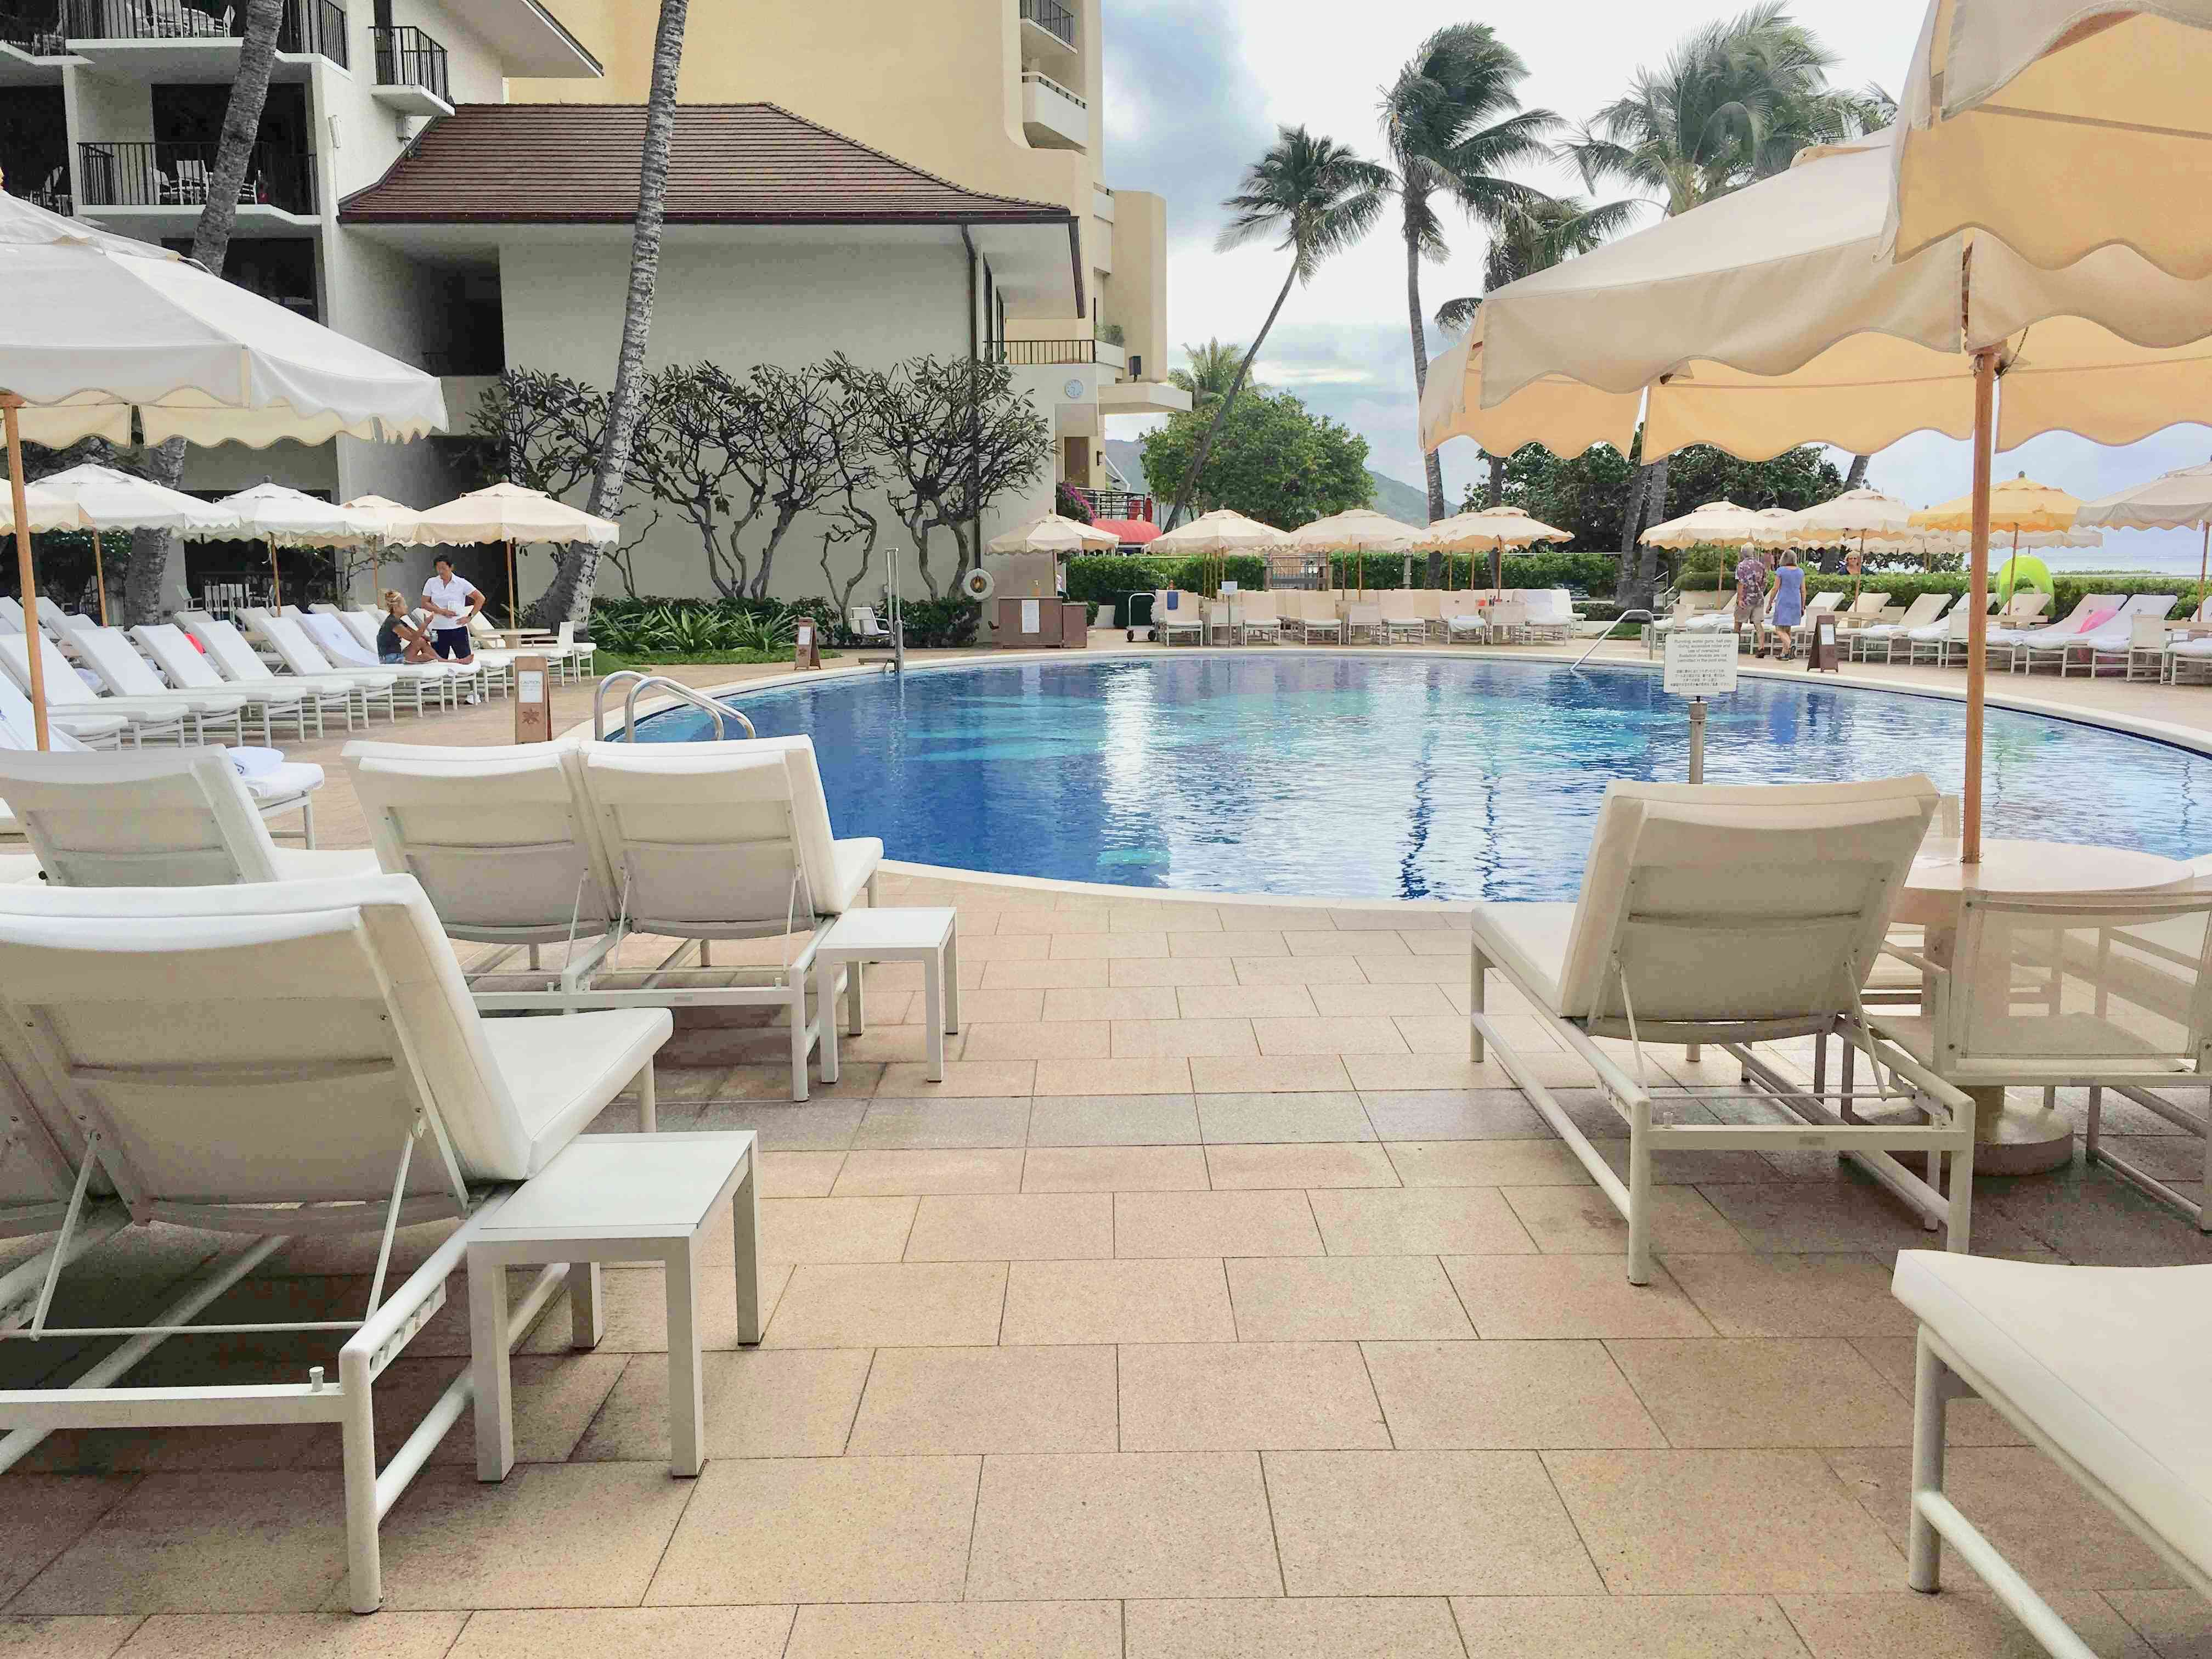 ハワイ 五つ星ホテル ハレクラニで朝食_1_4